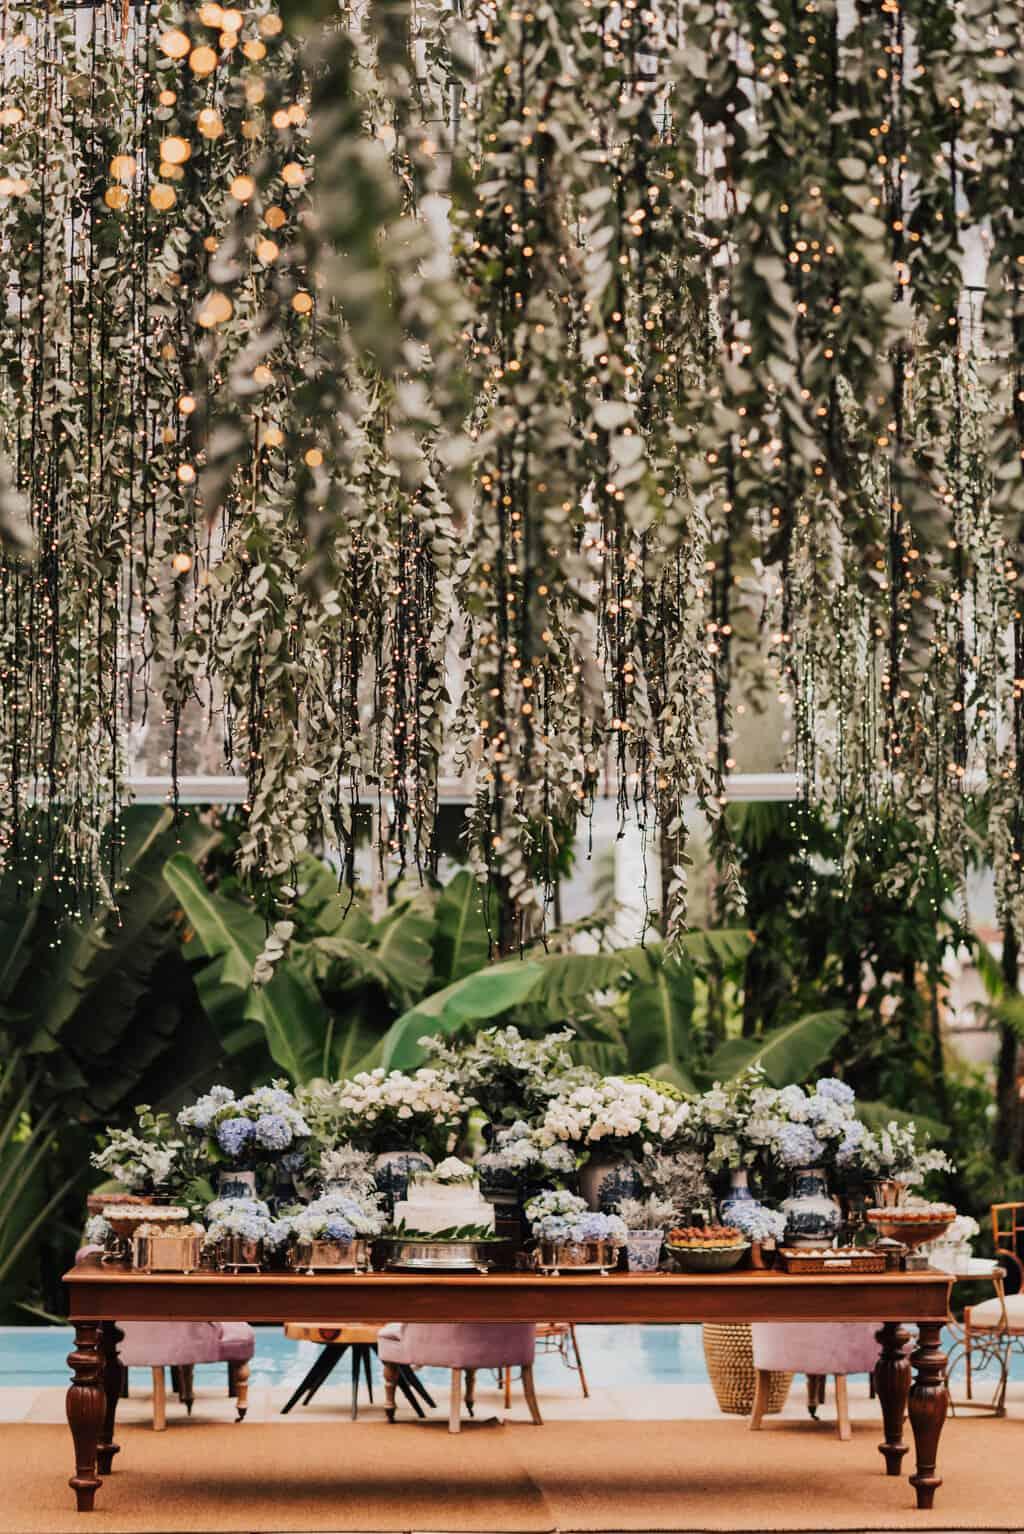 casamento-Maitê-e-Breno-decor-contemporanea-decoracao-branca-com-verde-Fotografia-Mana-Gollo-Hotel-Timbó-Park-mesa-de-doces29